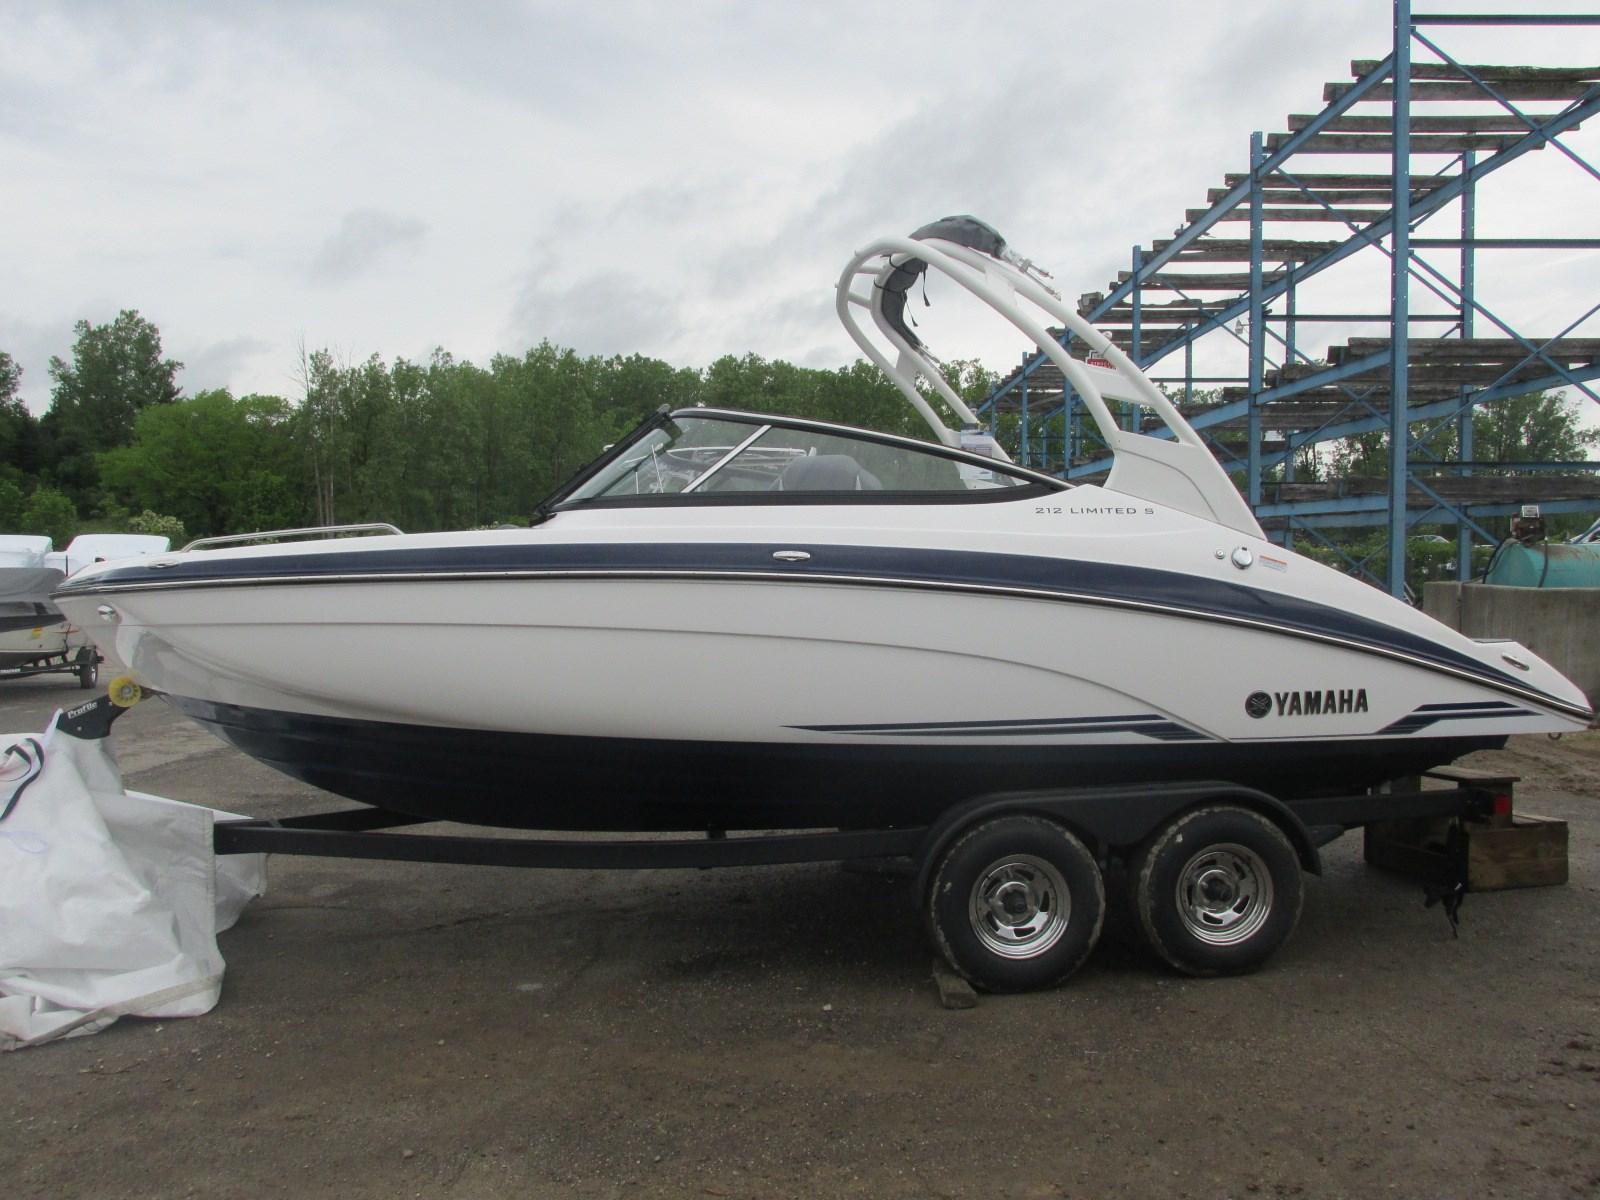 Yamaha Boats212 Limited S